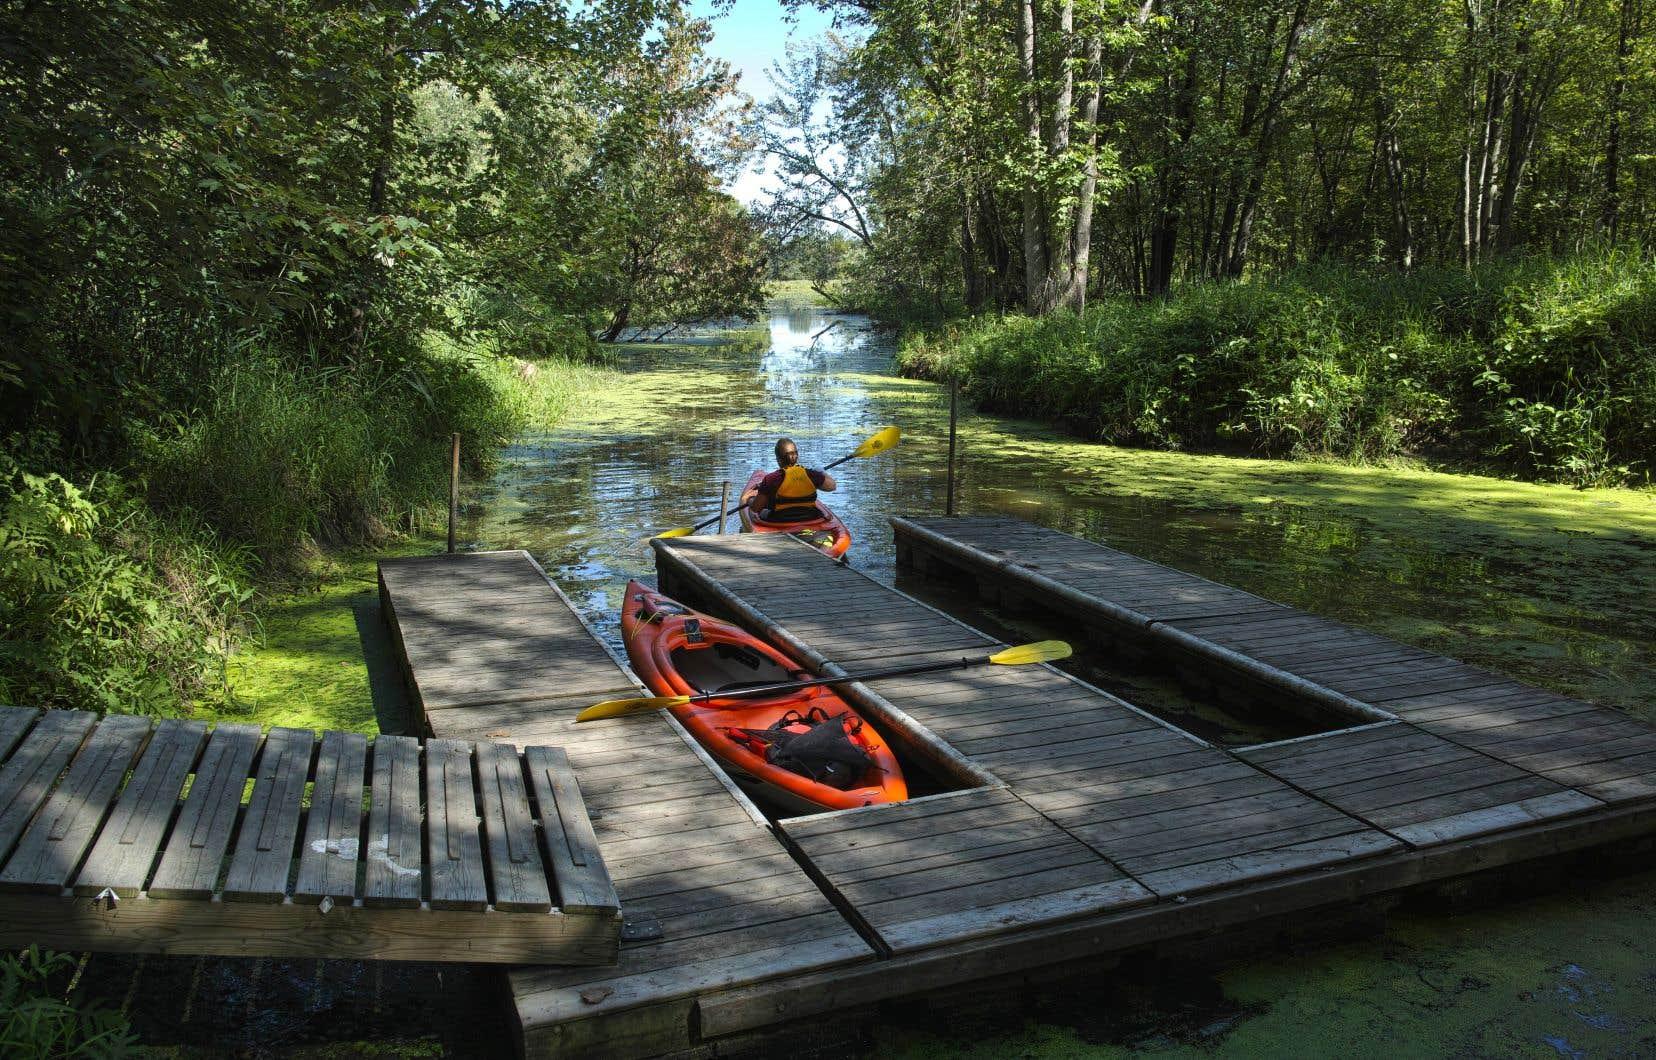 Le Québec compte désormais 10,03 %d'aires protégées, soit loin de la cible de 17 % d'aires protégées terrestres ou marines qu'il s'est engagé à atteindre dès l'an prochain.